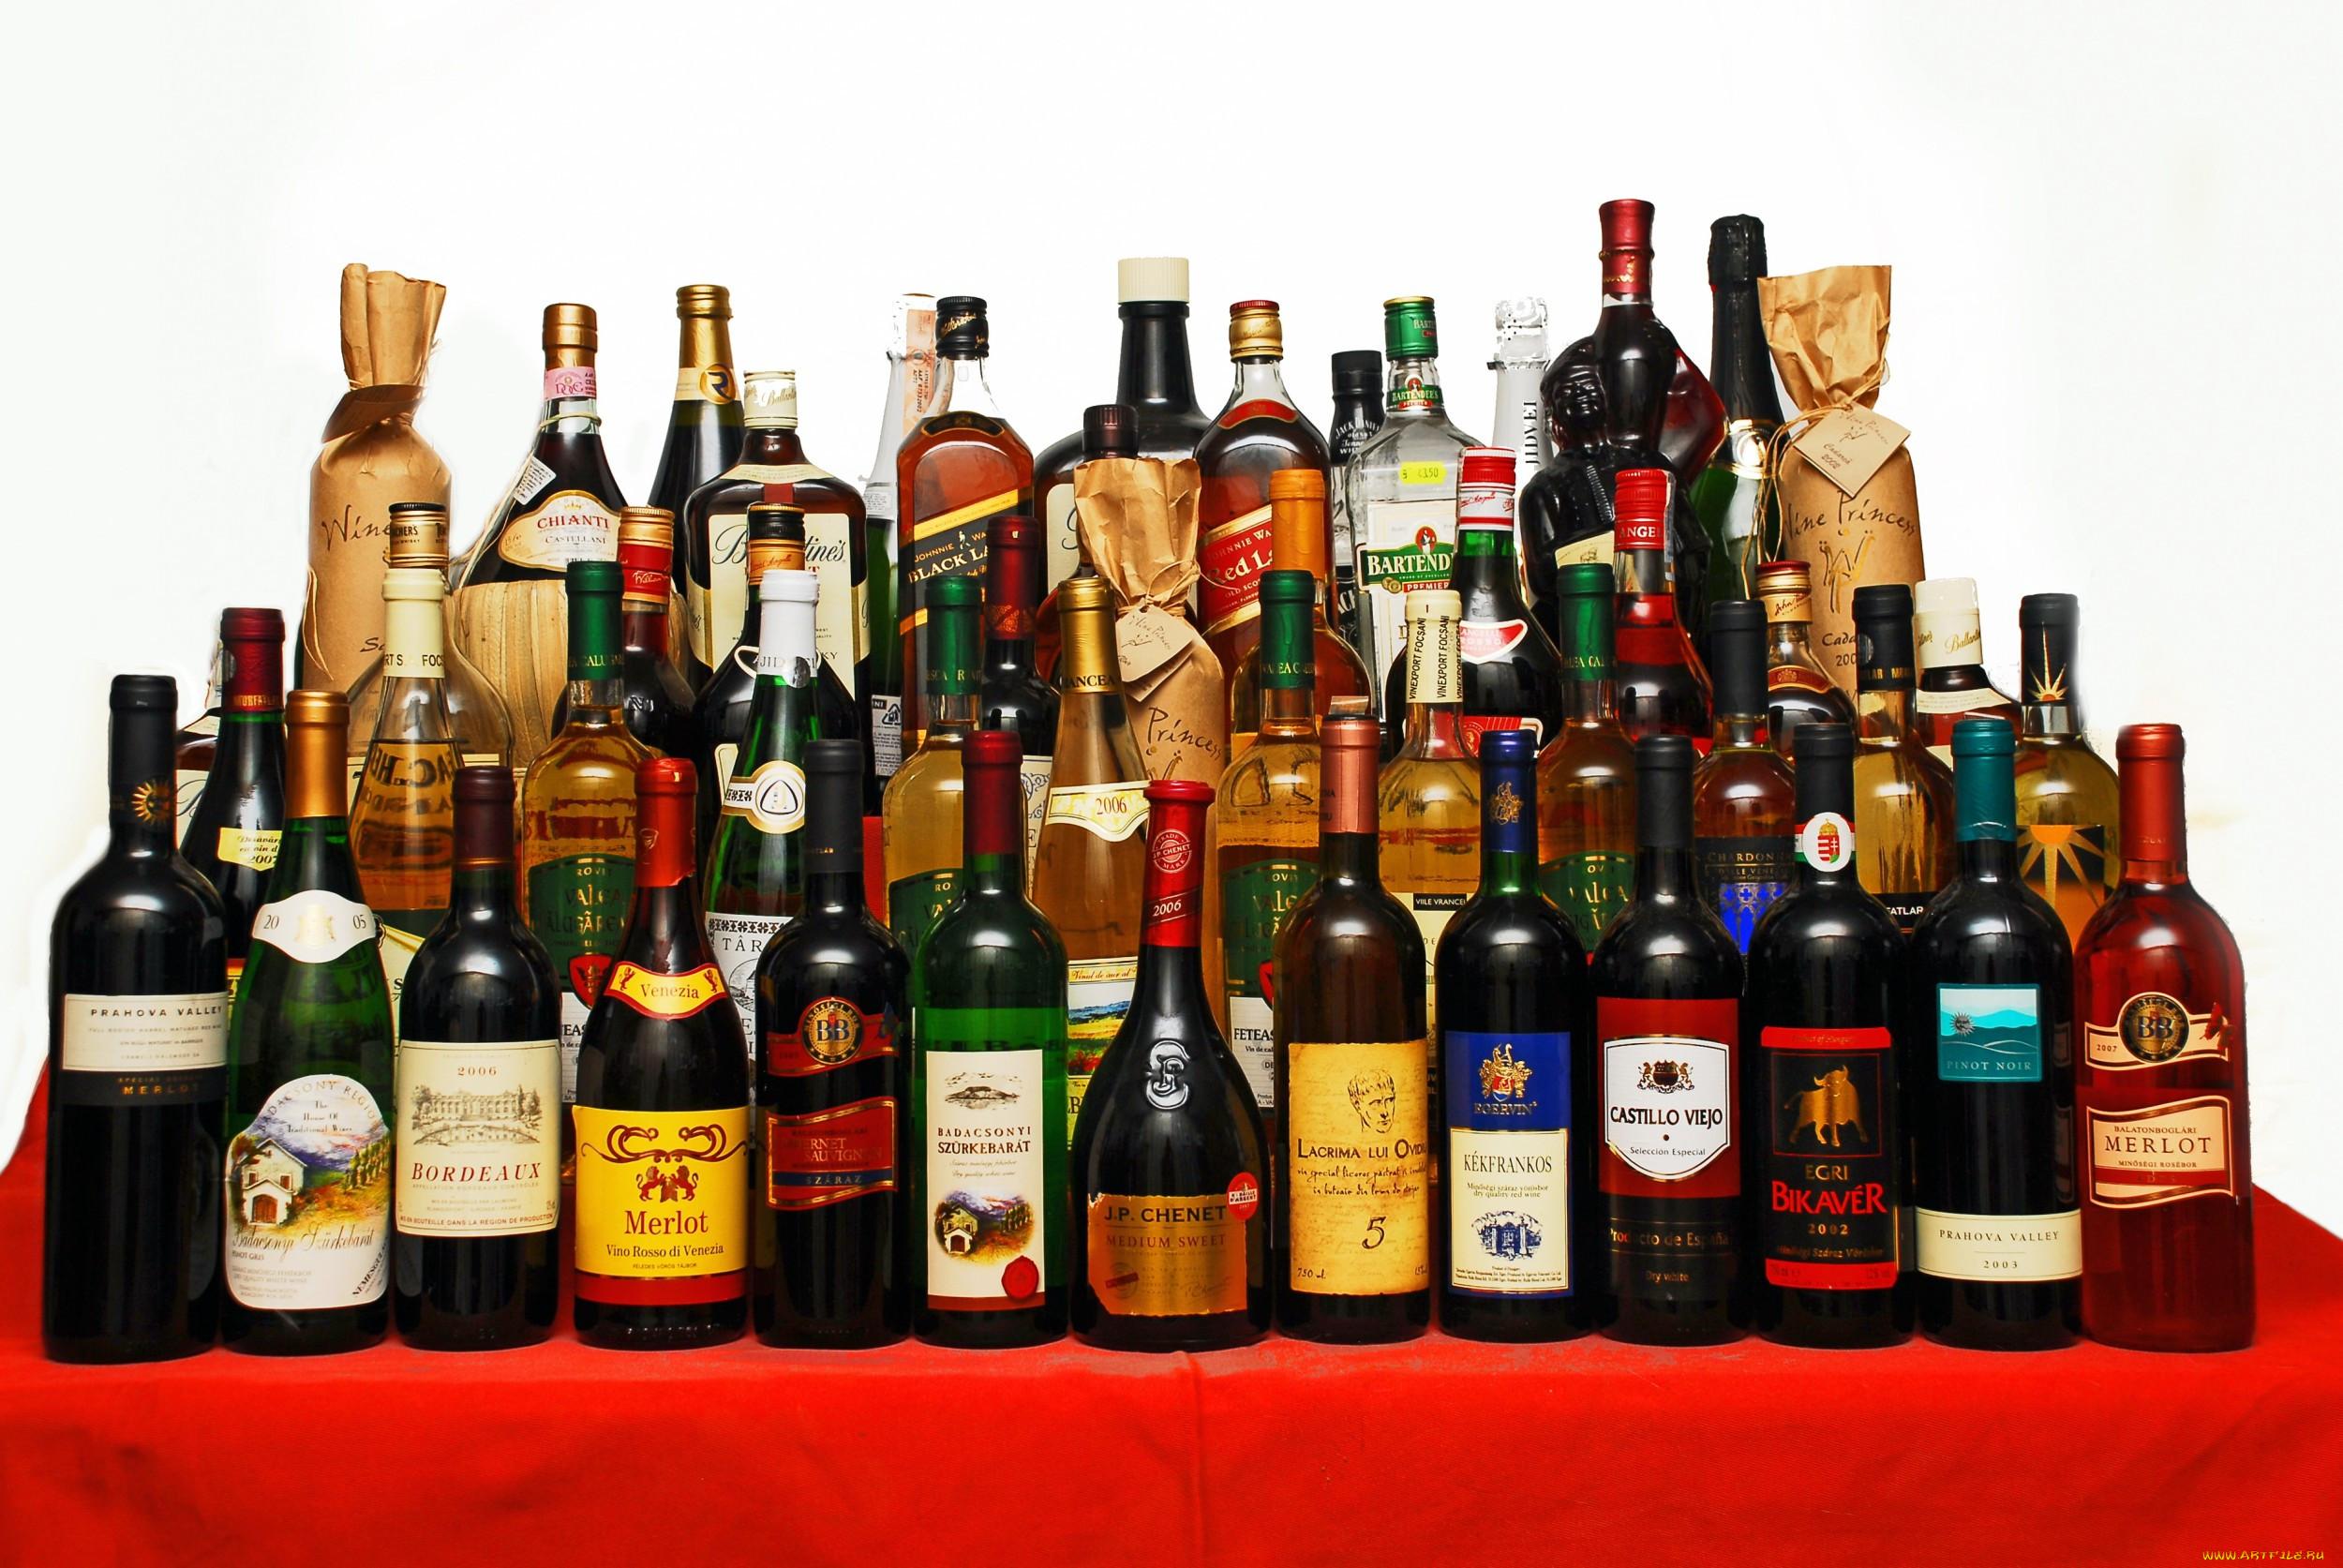 люблю фото с бутылками алкоголя одновременно